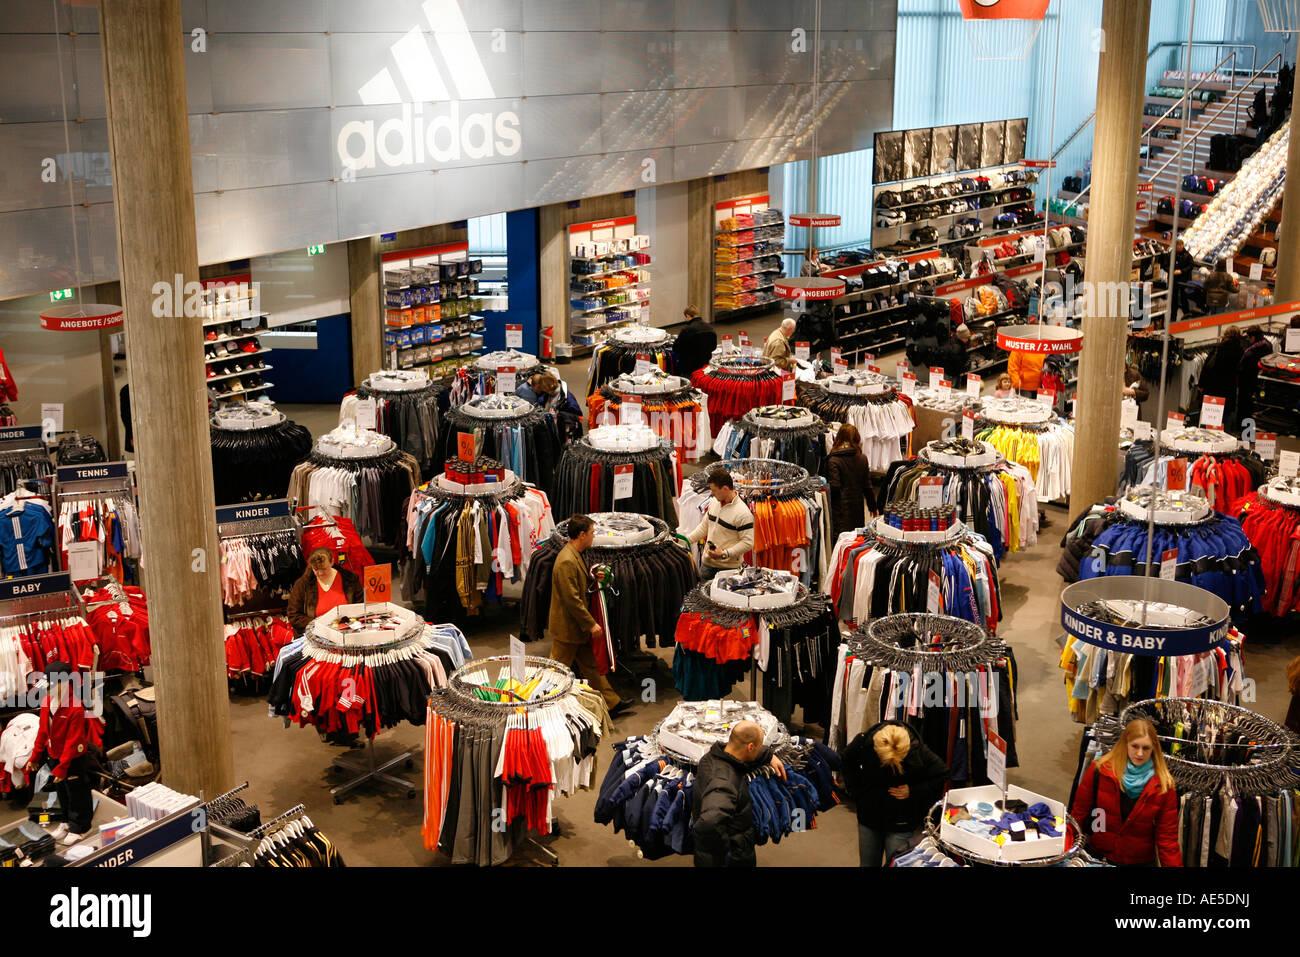 Adidas Shop Stock Photos & Adidas Shop Stock Images - Page 3 - Alamy